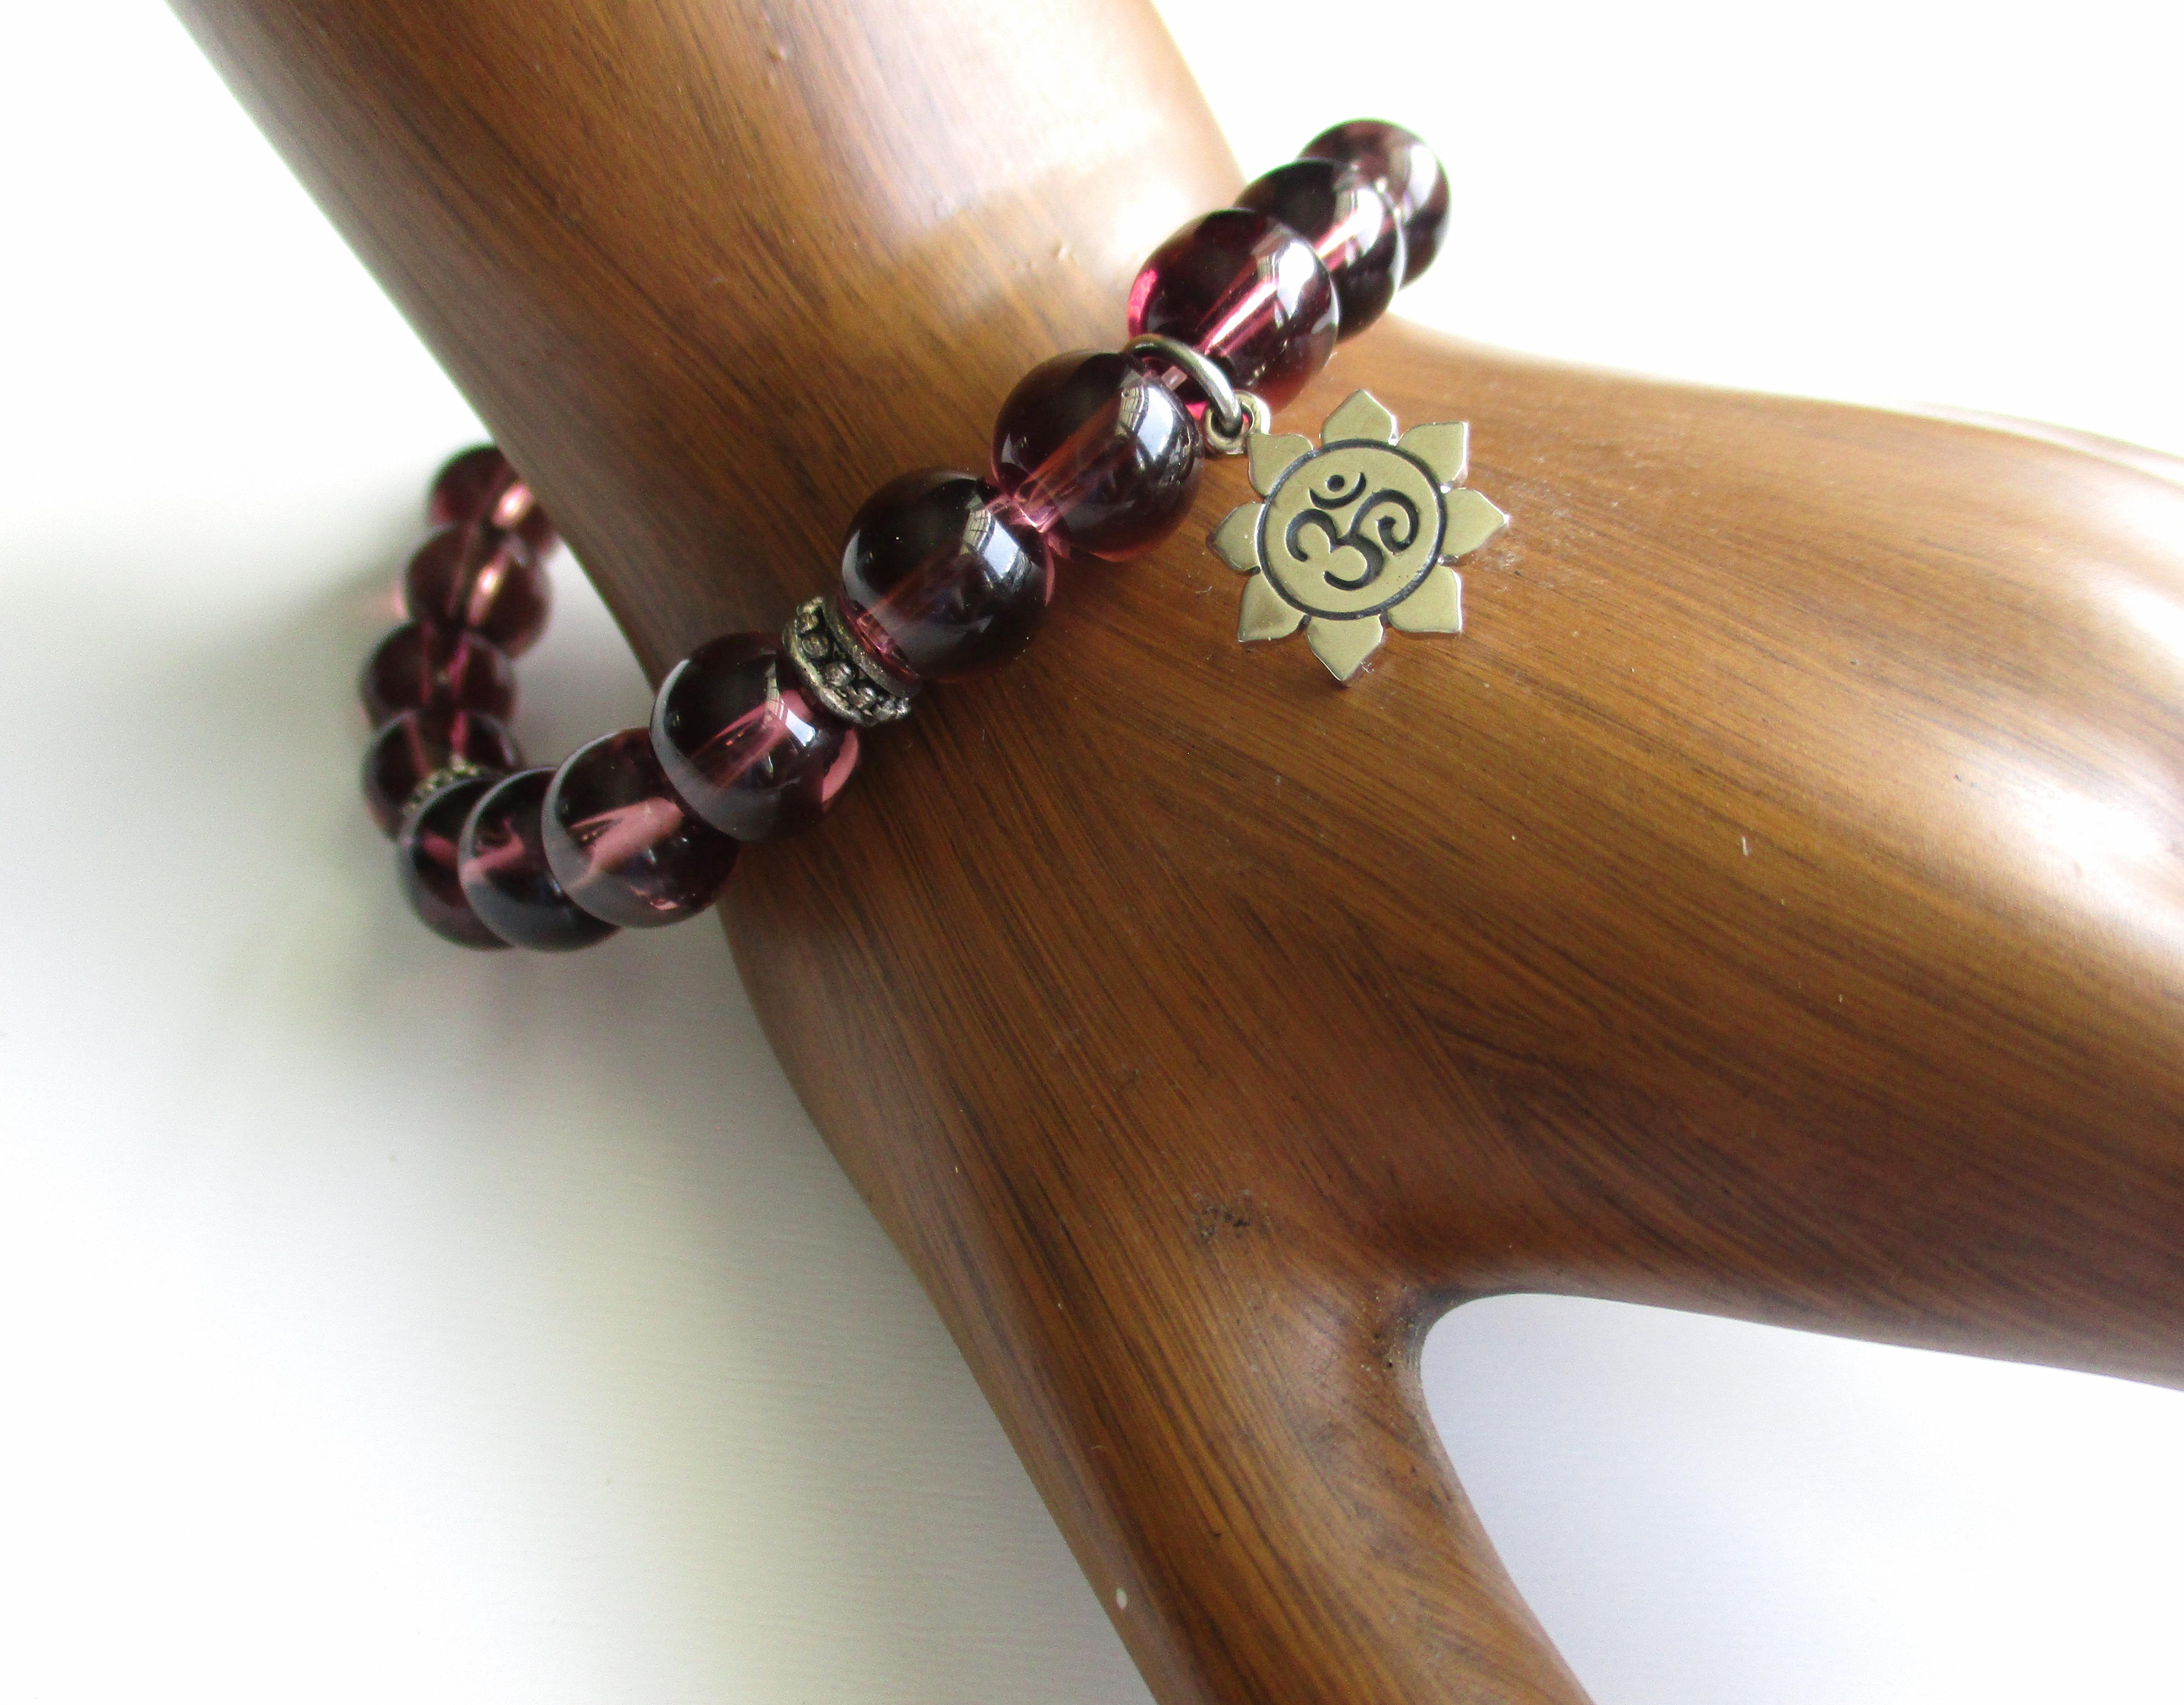 OM in the Lotus Charm Bracelet